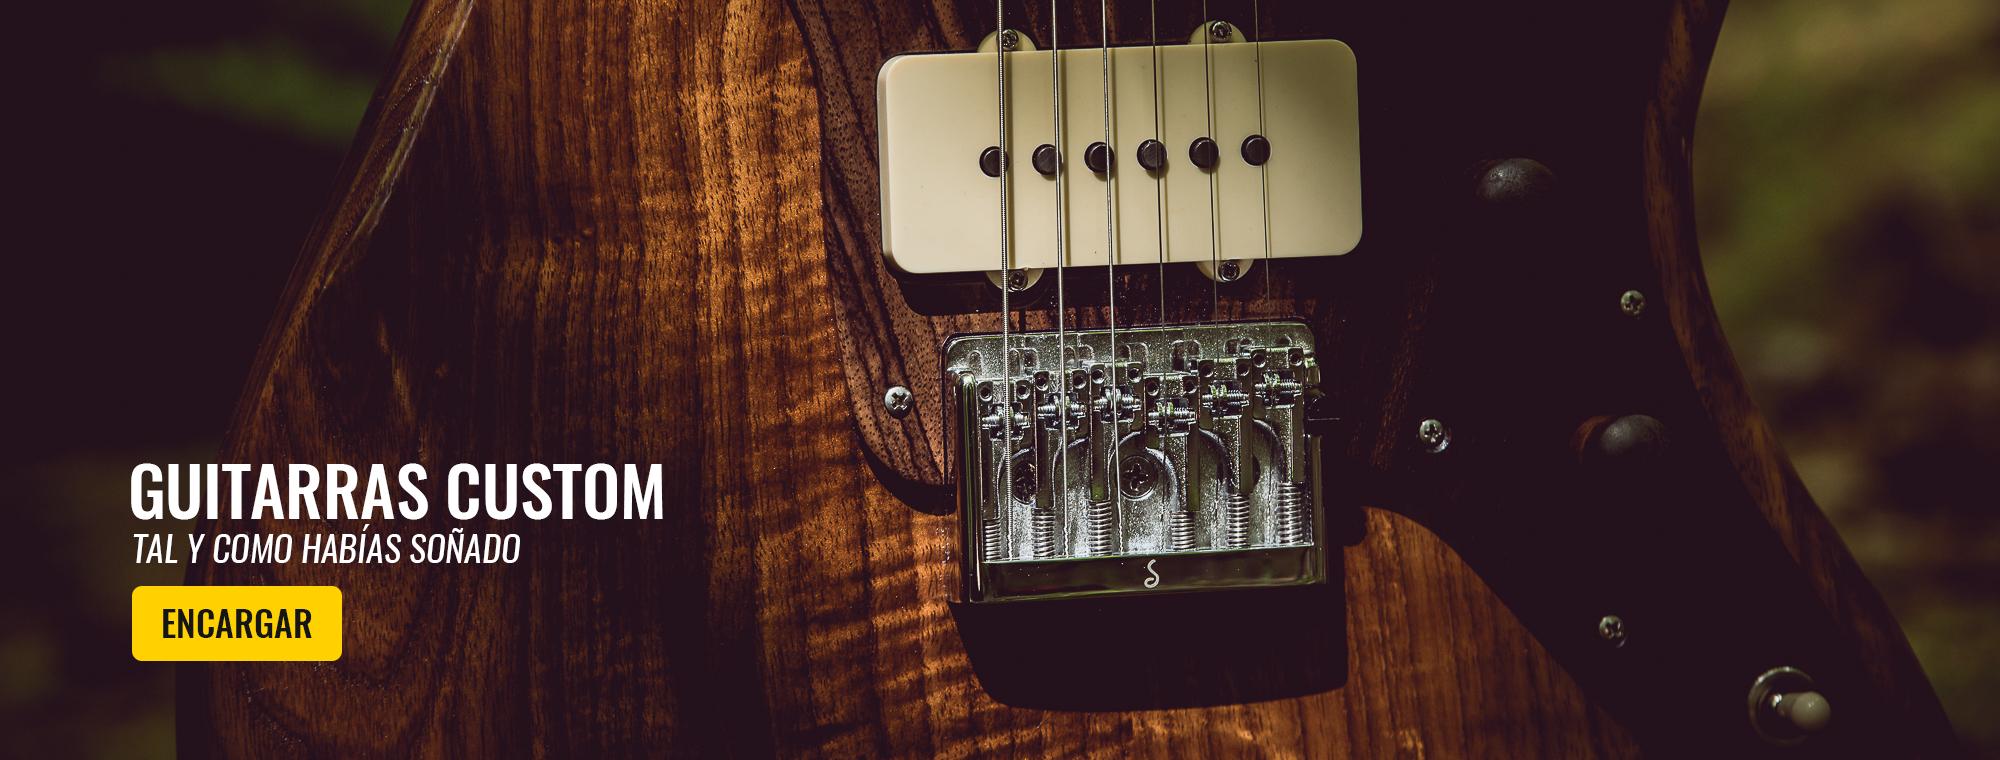 Guitarras Custom